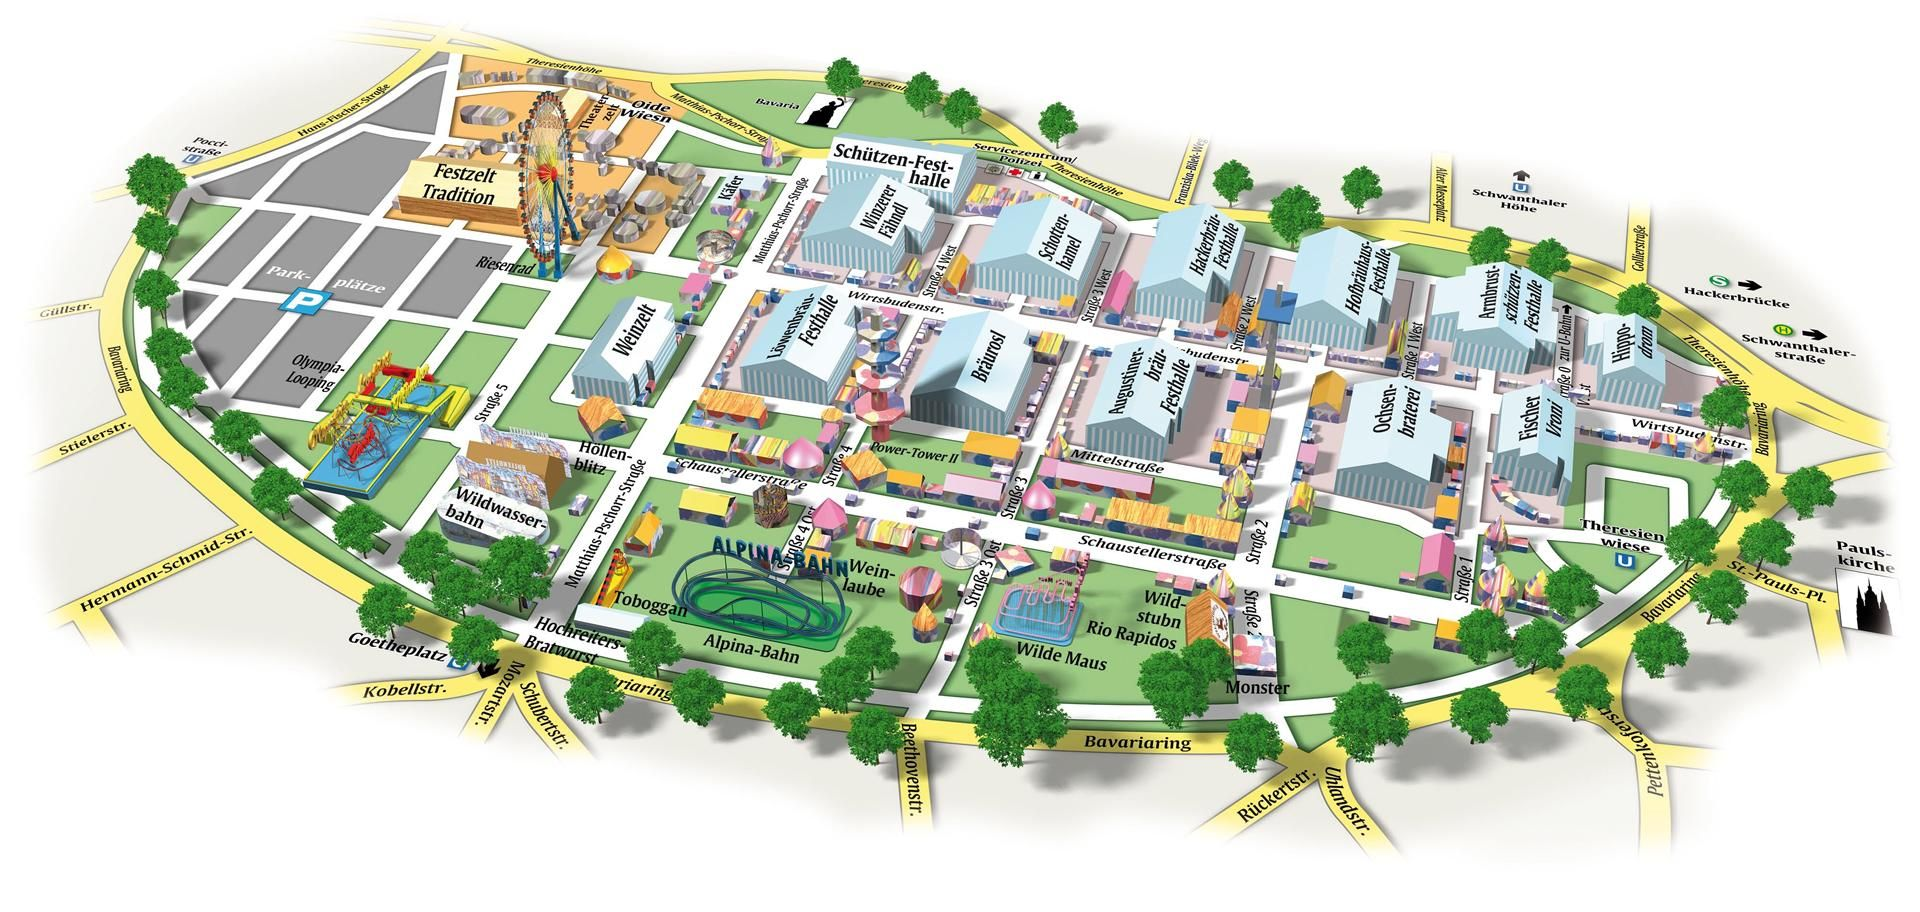 Wiesn Map 2011.jpeg (1920×912)  sc 1 st  Pinterest & Wiesn Map 2011.jpeg (1920×912) | oktoberfest | Pinterest